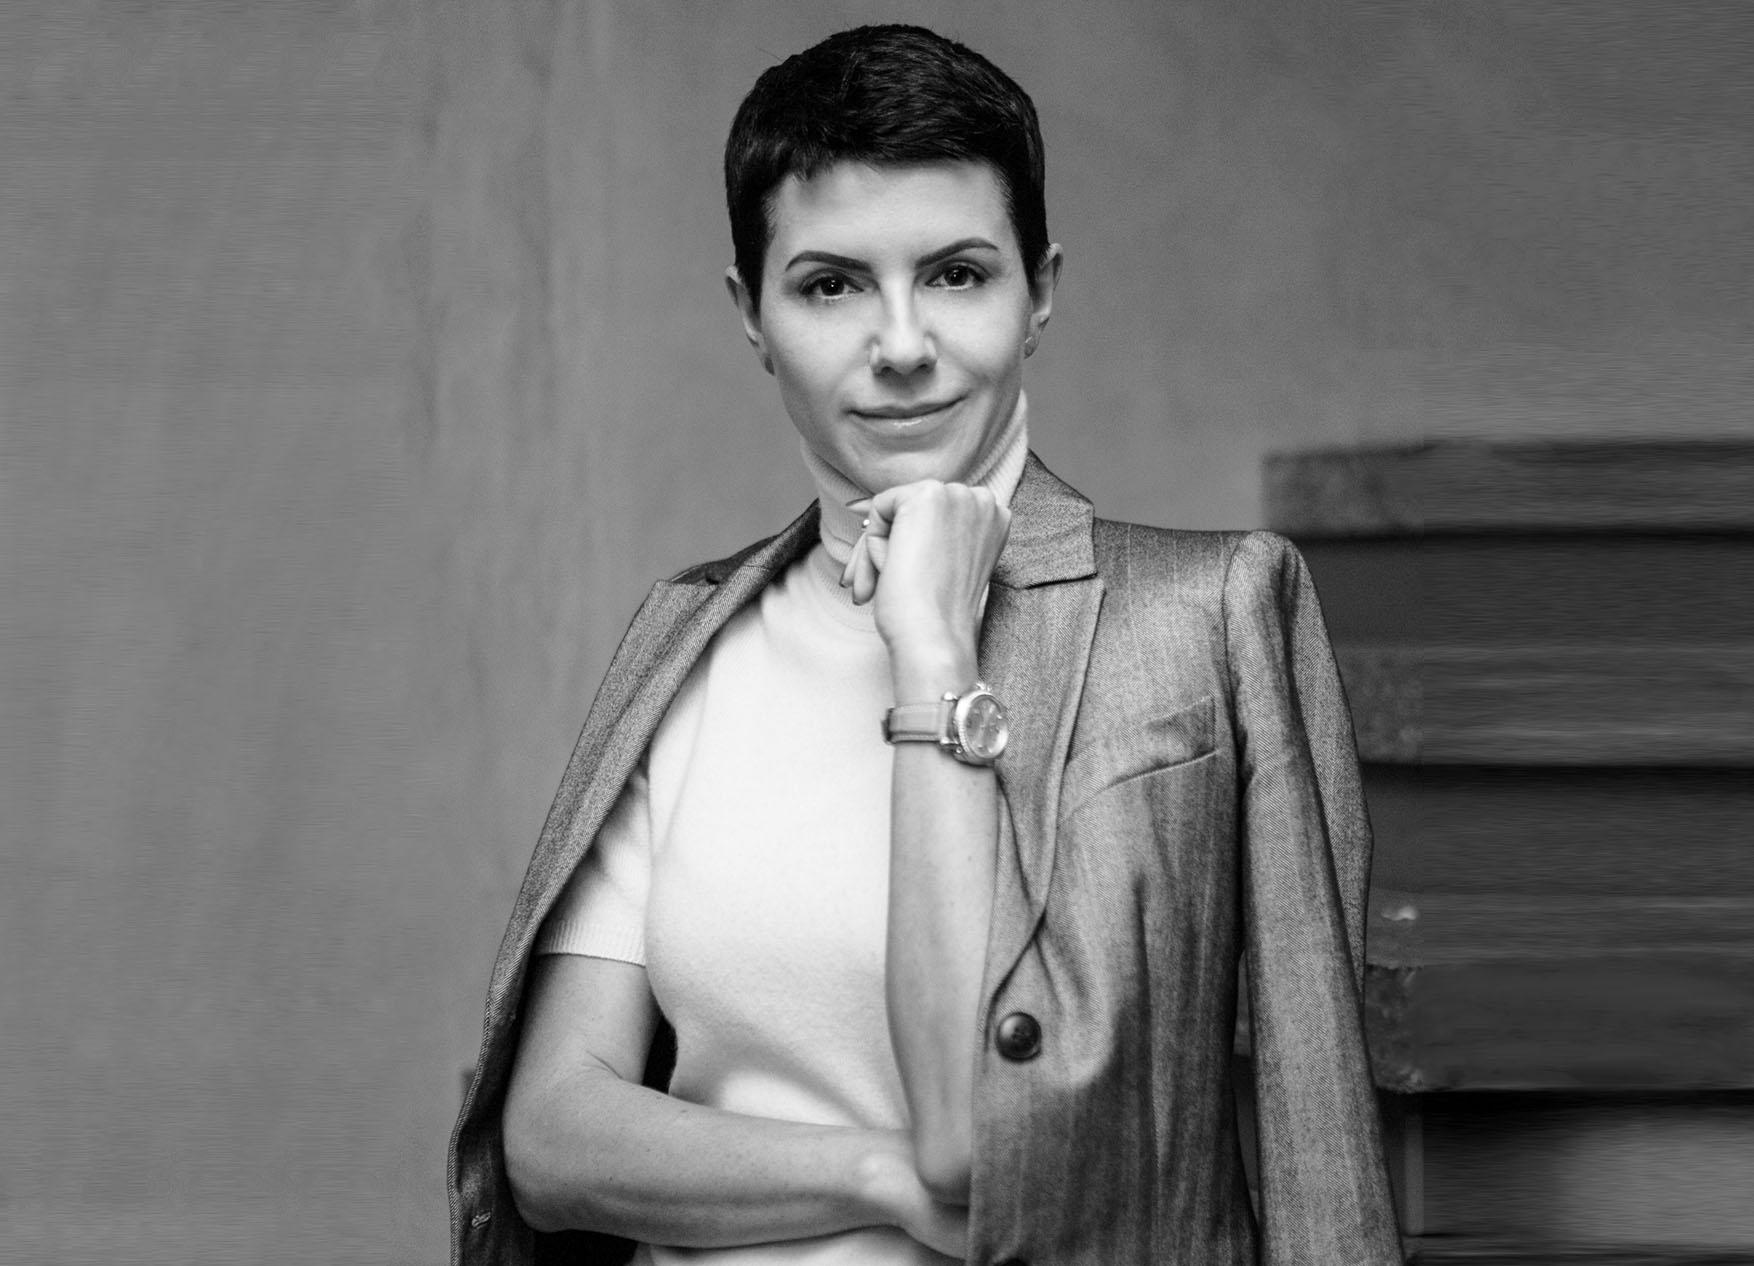 НАУЧНЫЙ ИНСАЙТ: Марина Щербенко про оцифровку искусства